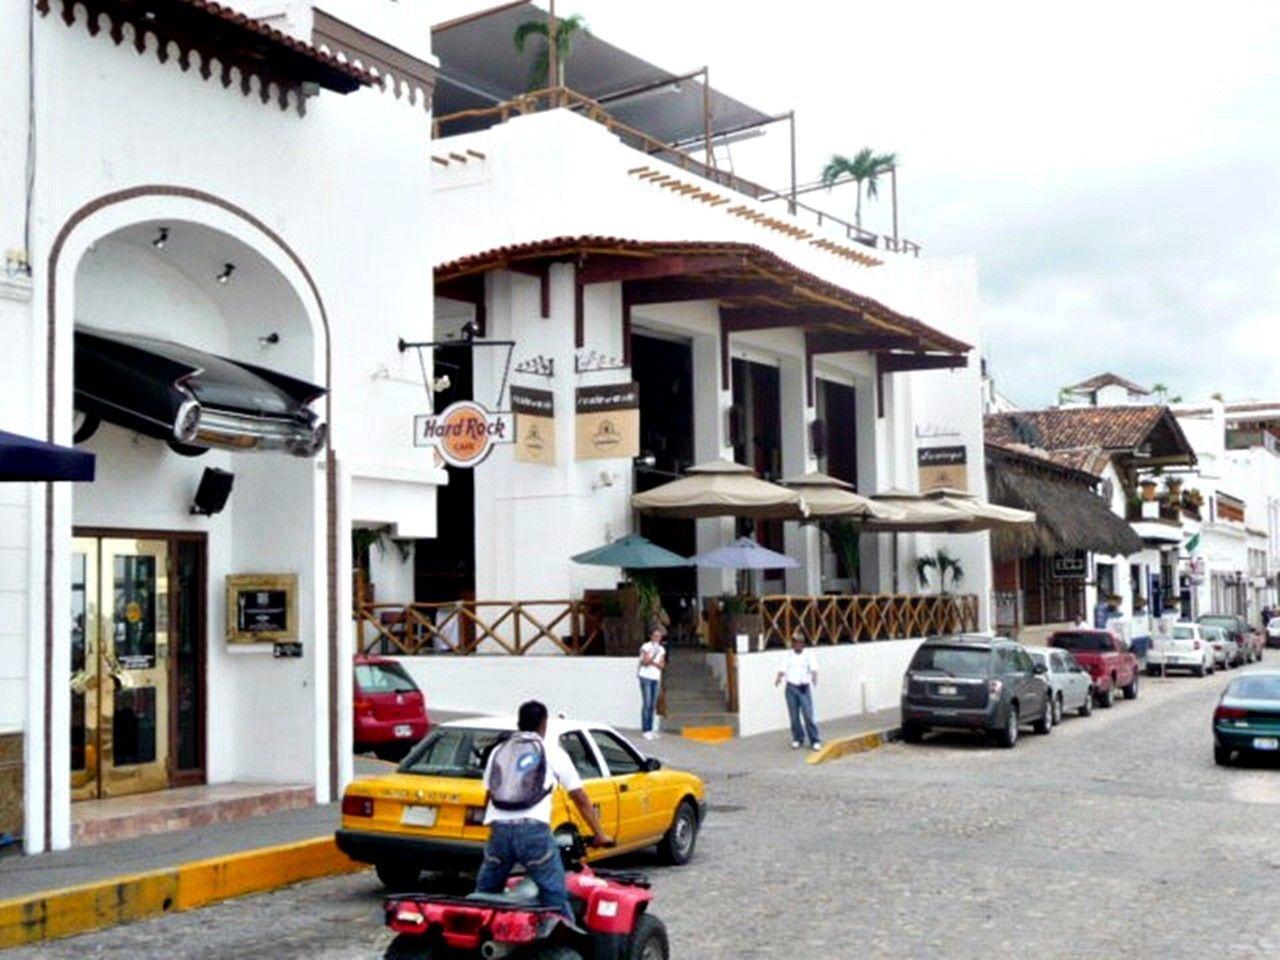 Puerto Vallarta en el recuerdo, Hard Rock Cafe, locales emblemáticos de los 70